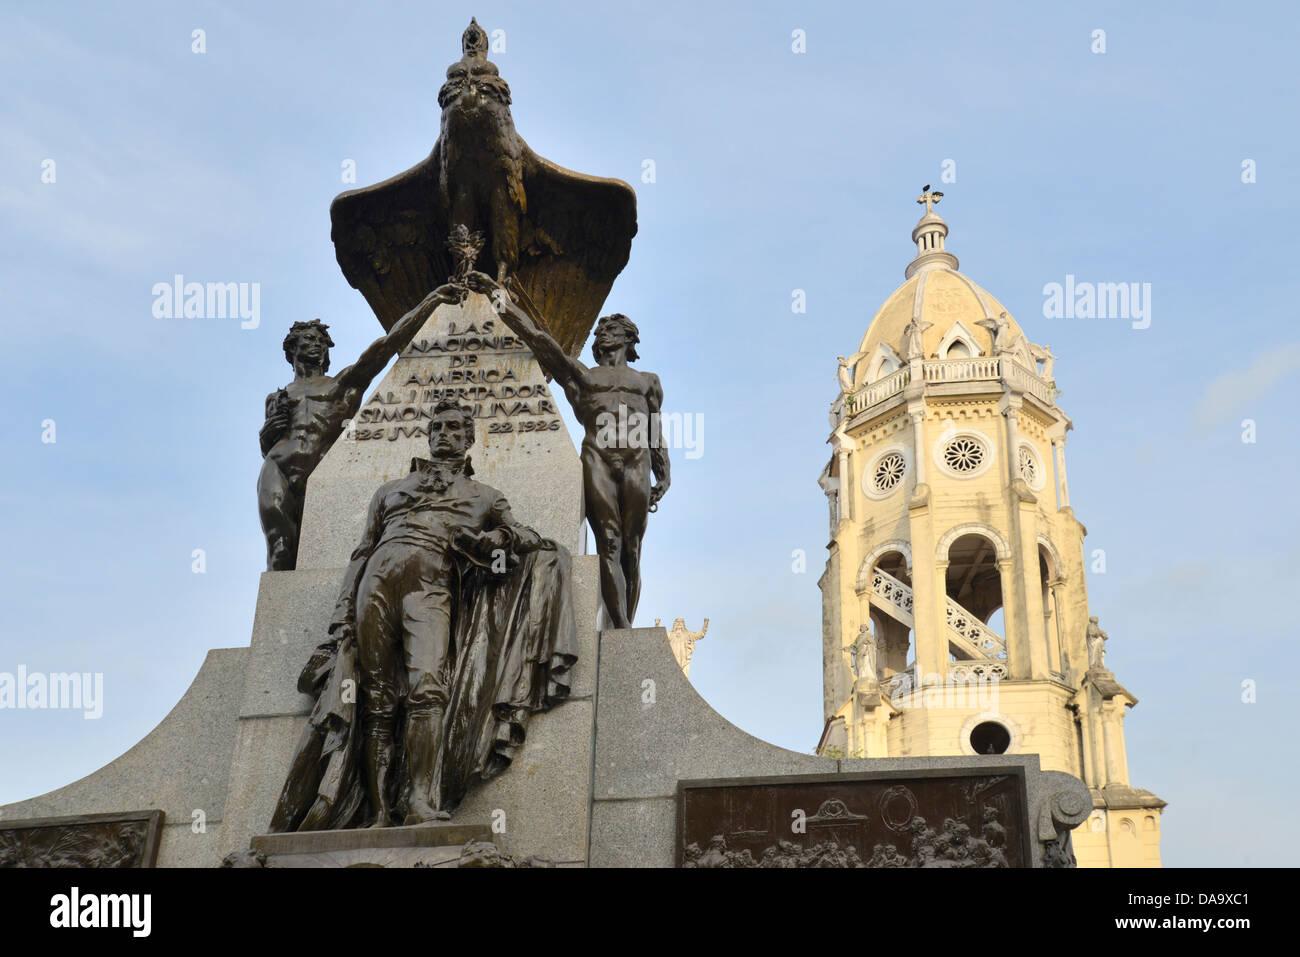 America centrale, Panama city, Casco Viejo, città vecchia, monumento, bolivar, chiesa, Panama Immagini Stock